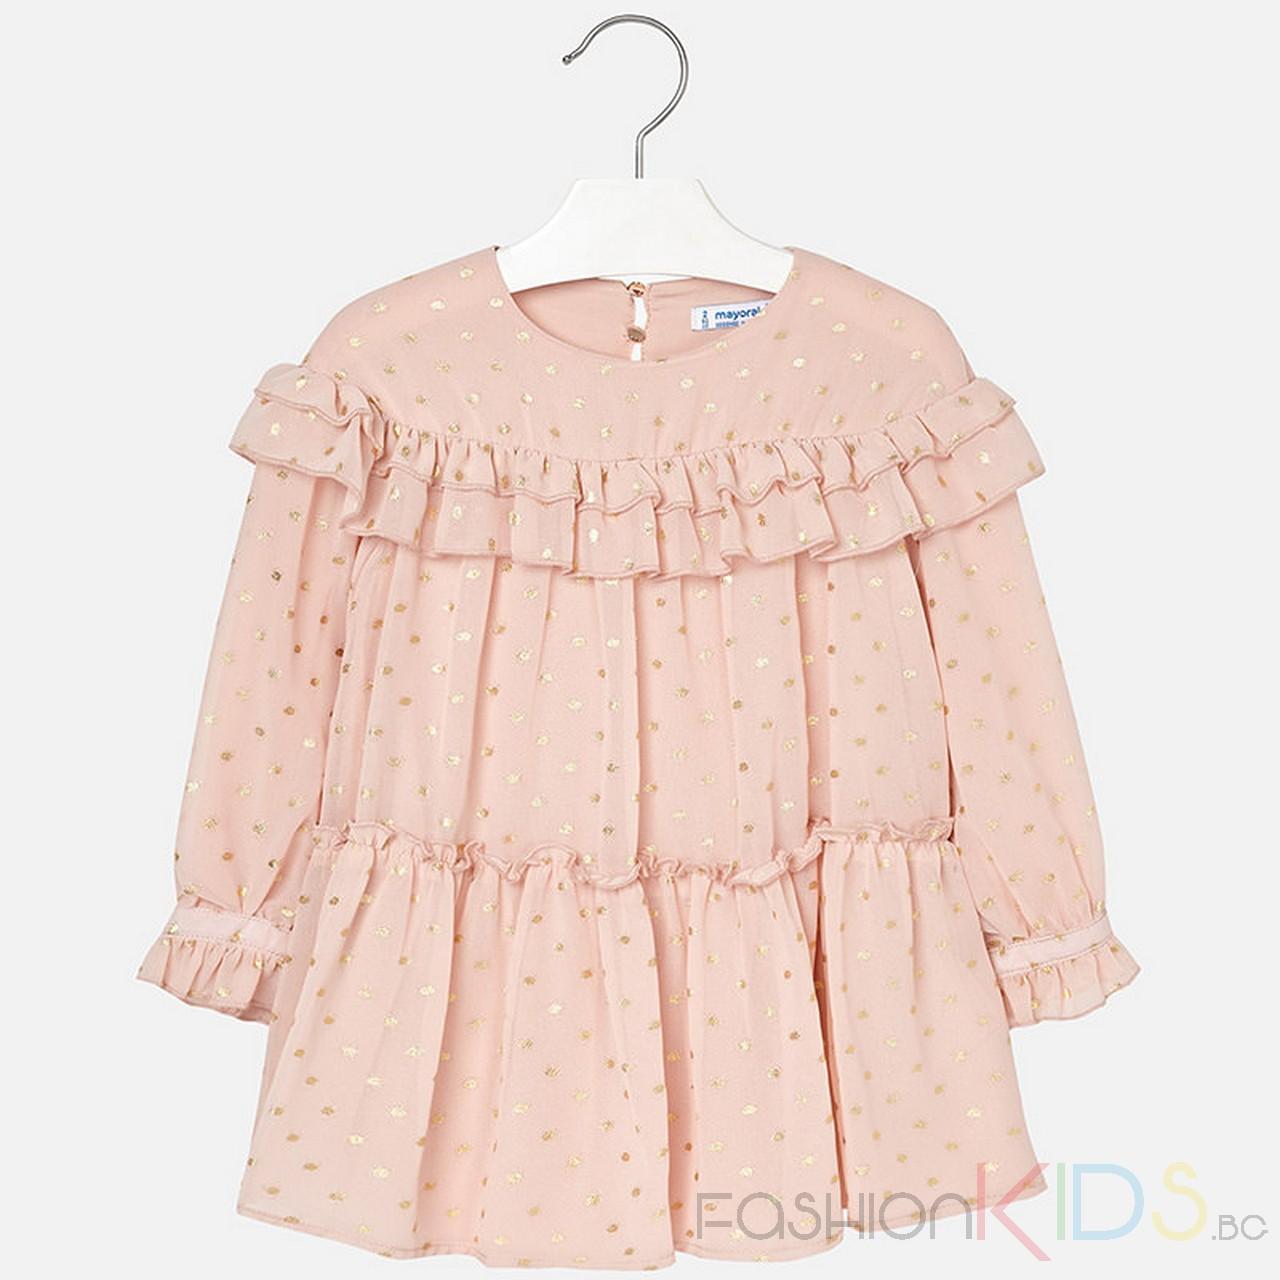 b334e2efff8 Детска рокля с дълъг ръкав с волани на ръкавите и гърдите. Тази рокля е  разкроена